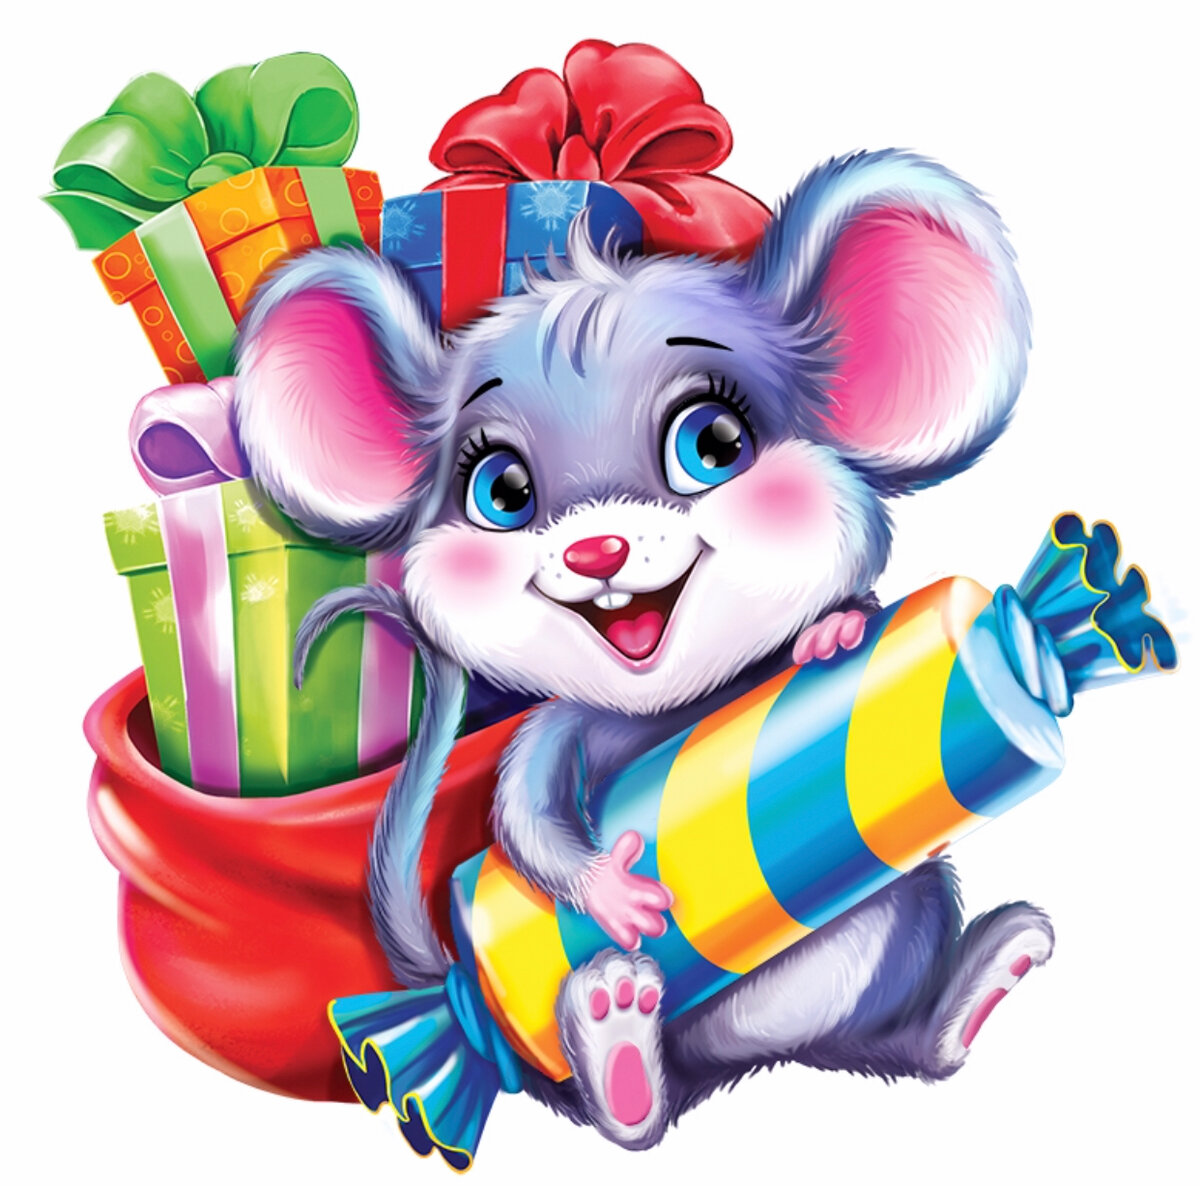 картинки мультяшная мышь с подарком